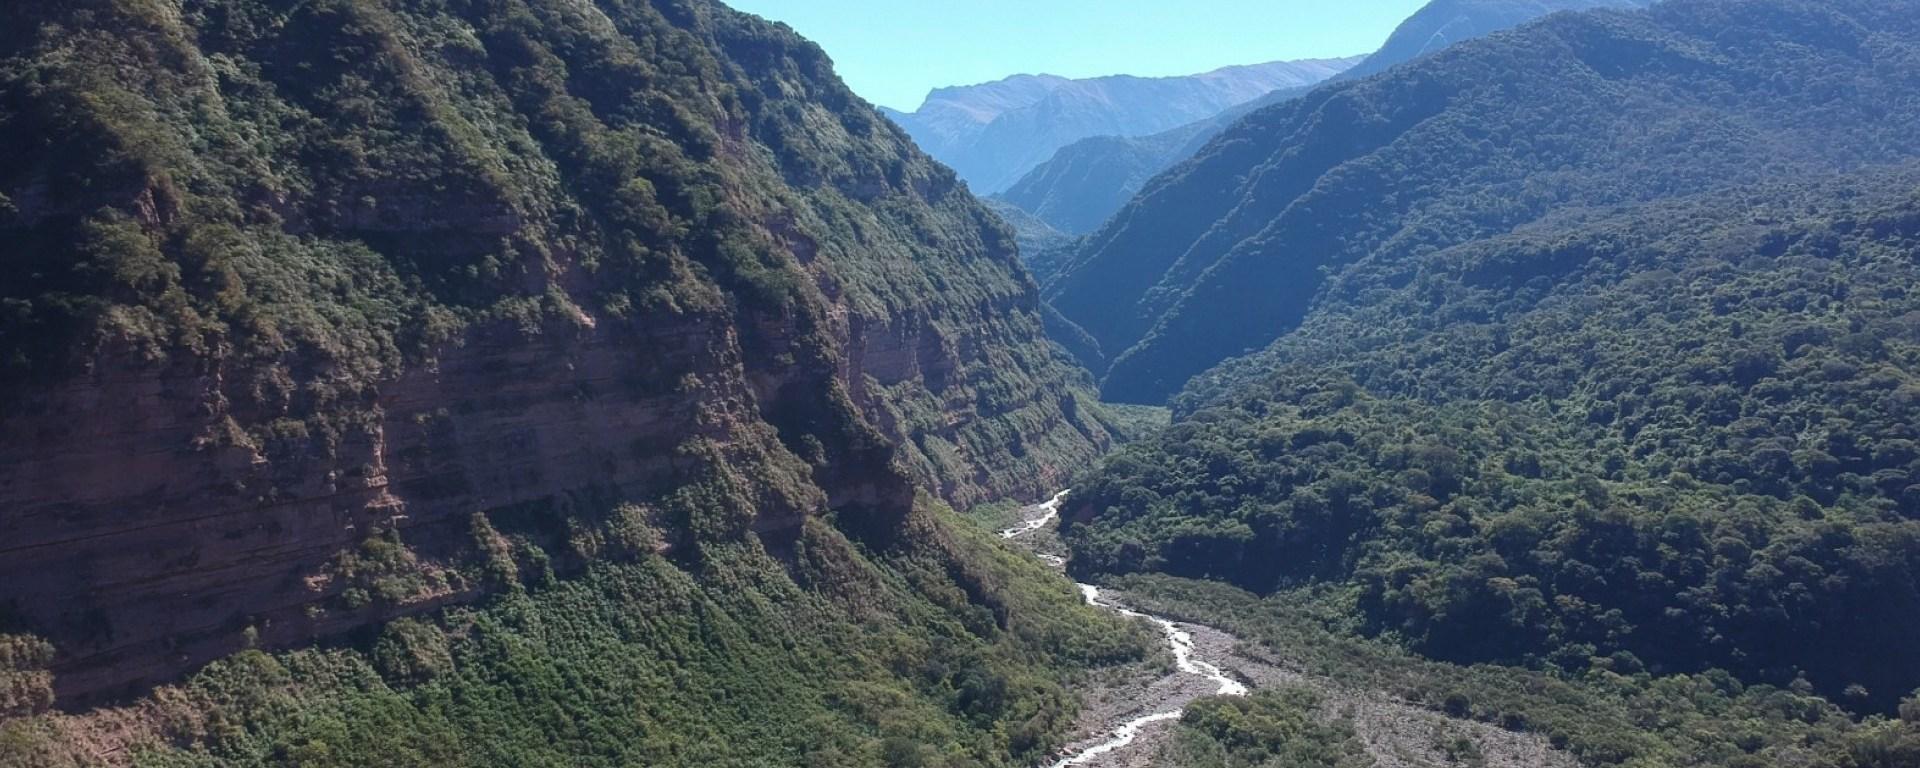 Argentina es rica en diversidad biogeográfica